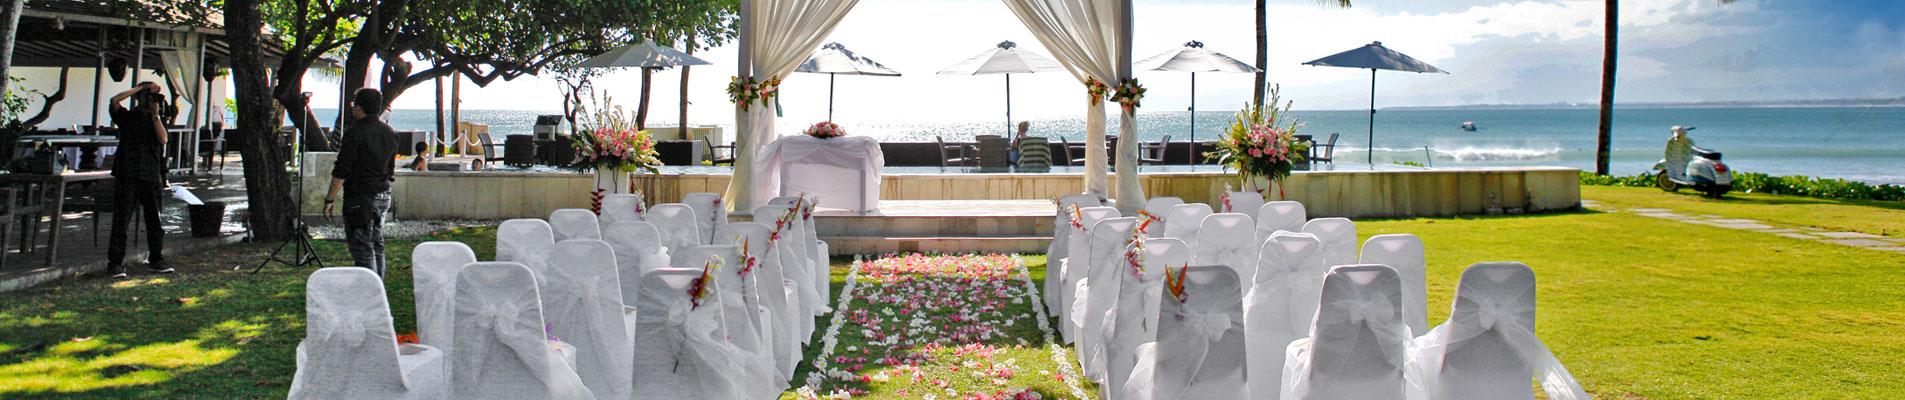 Bali-Garden-Kuta-Wedding-Packages